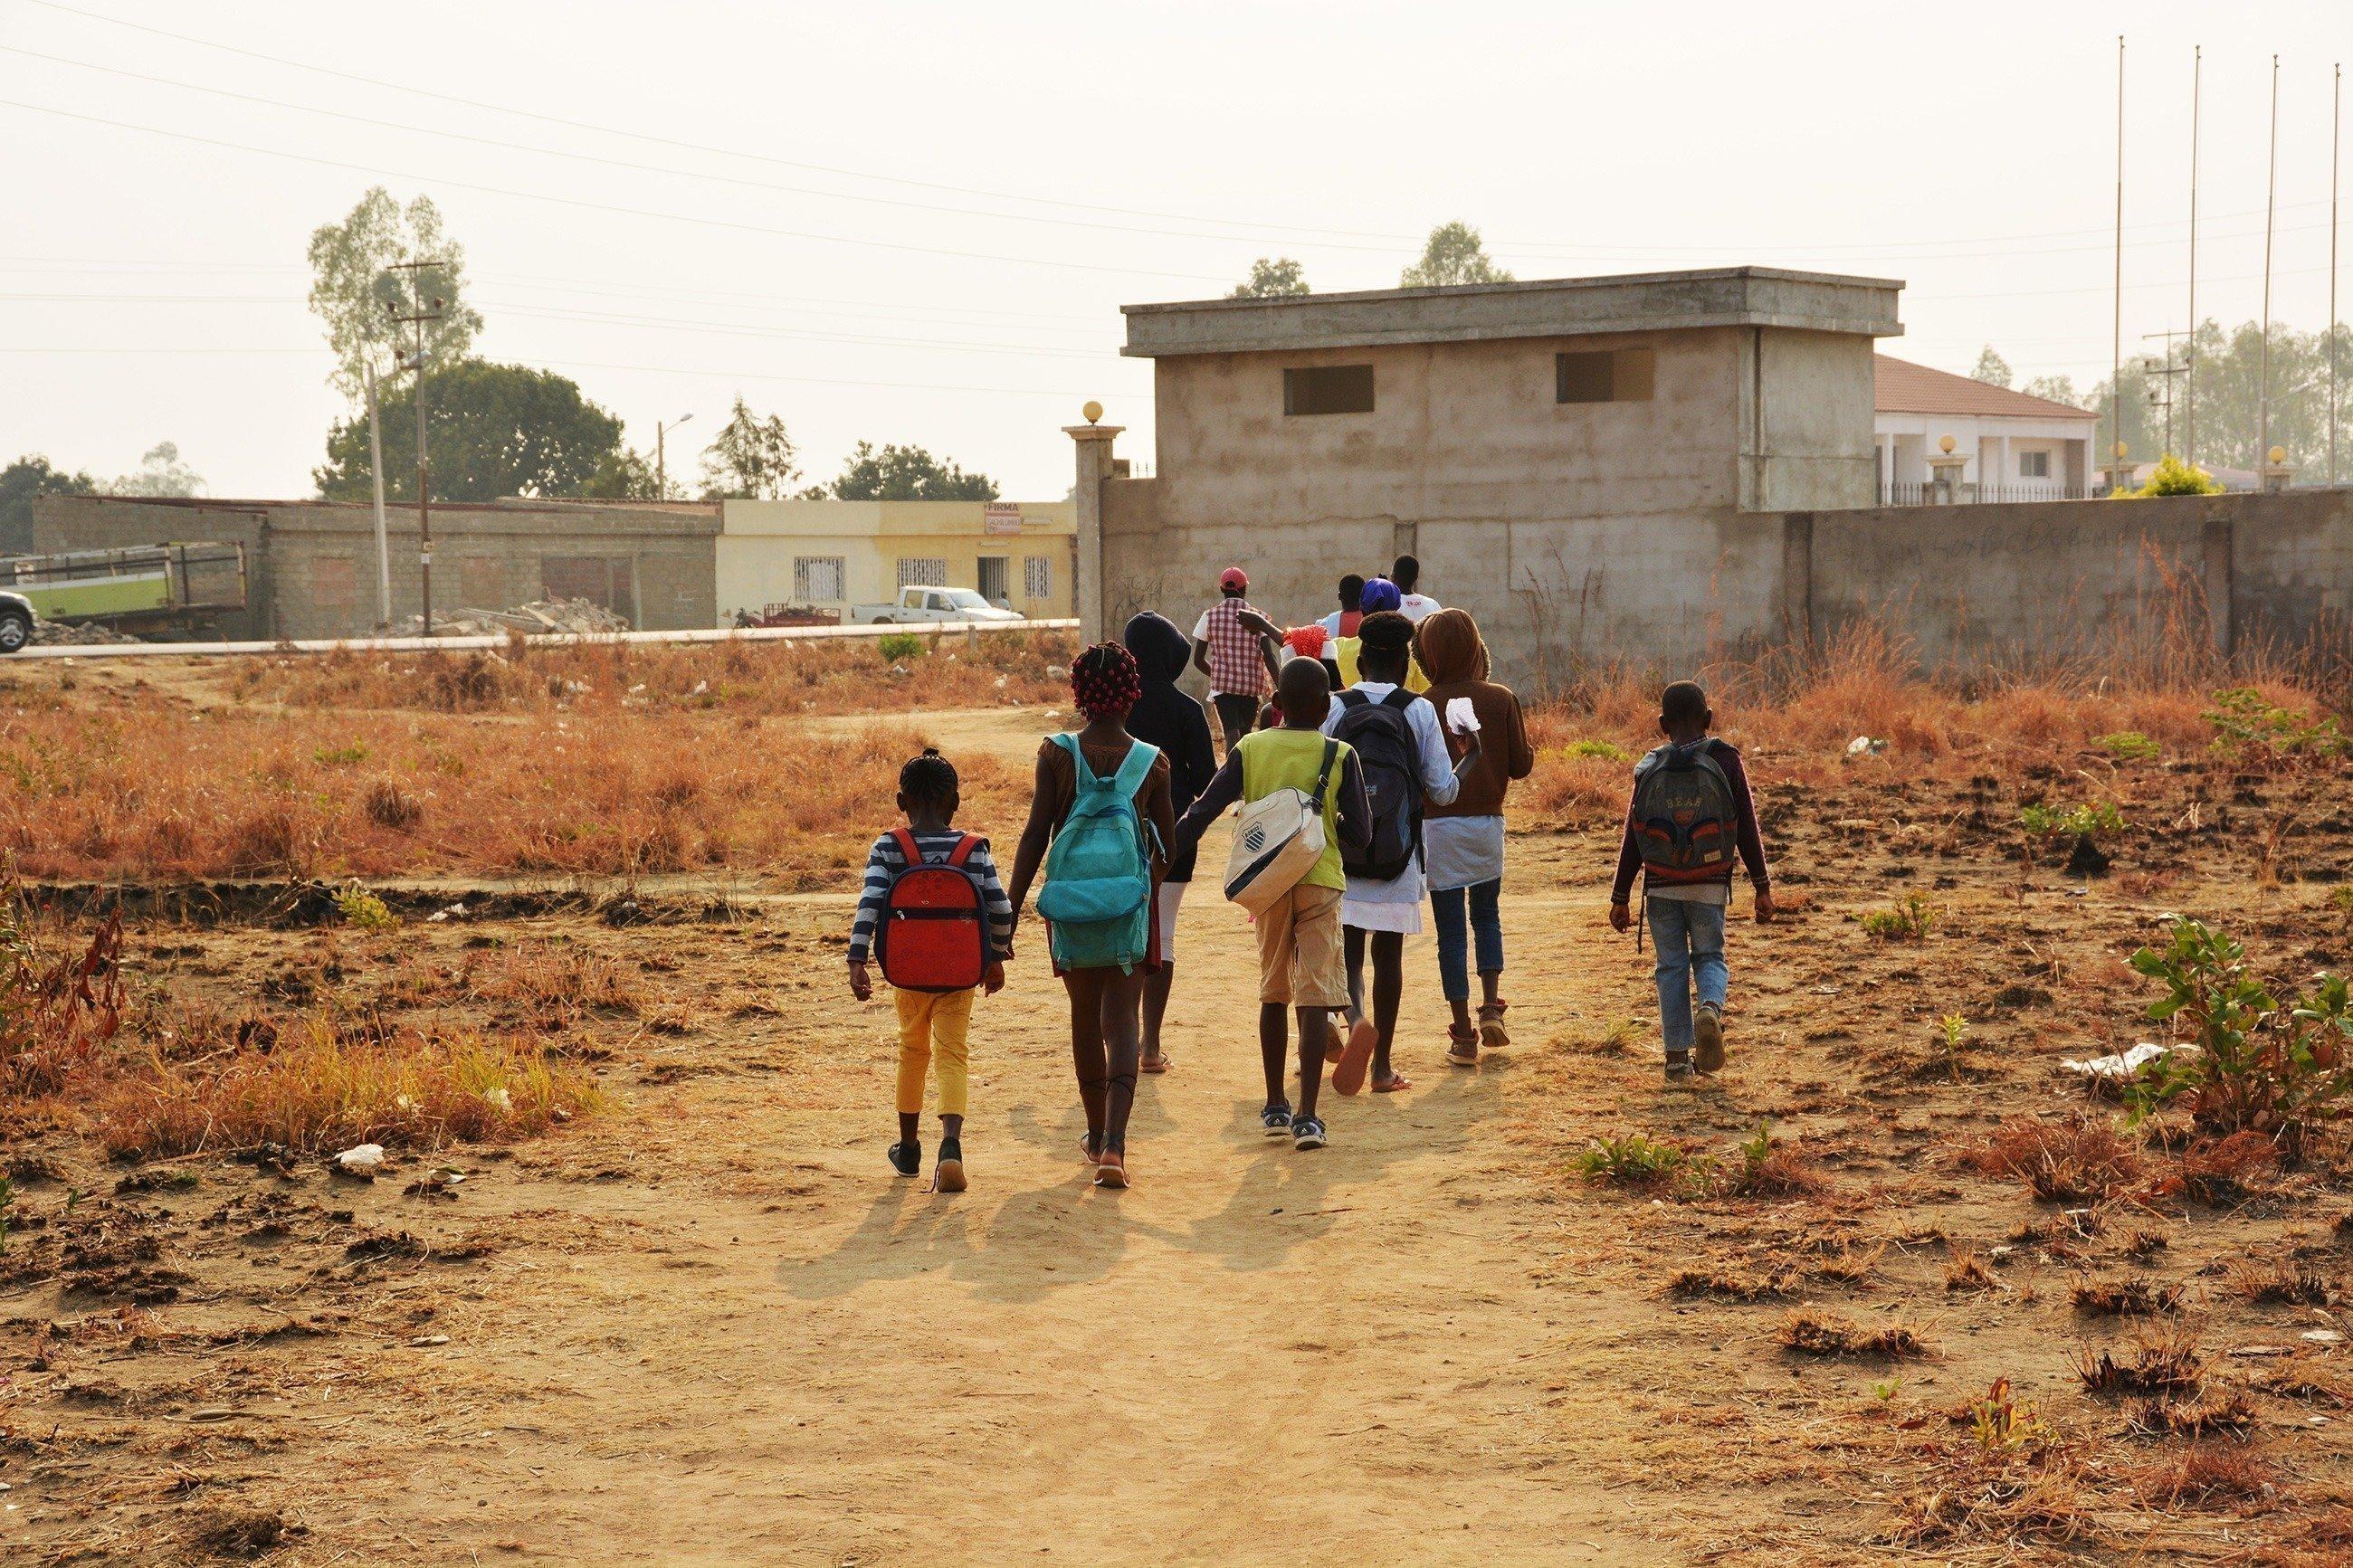 Mehrere Kinder mit Rucksäcken gehen in die Richtung eines Schulgebäudes.